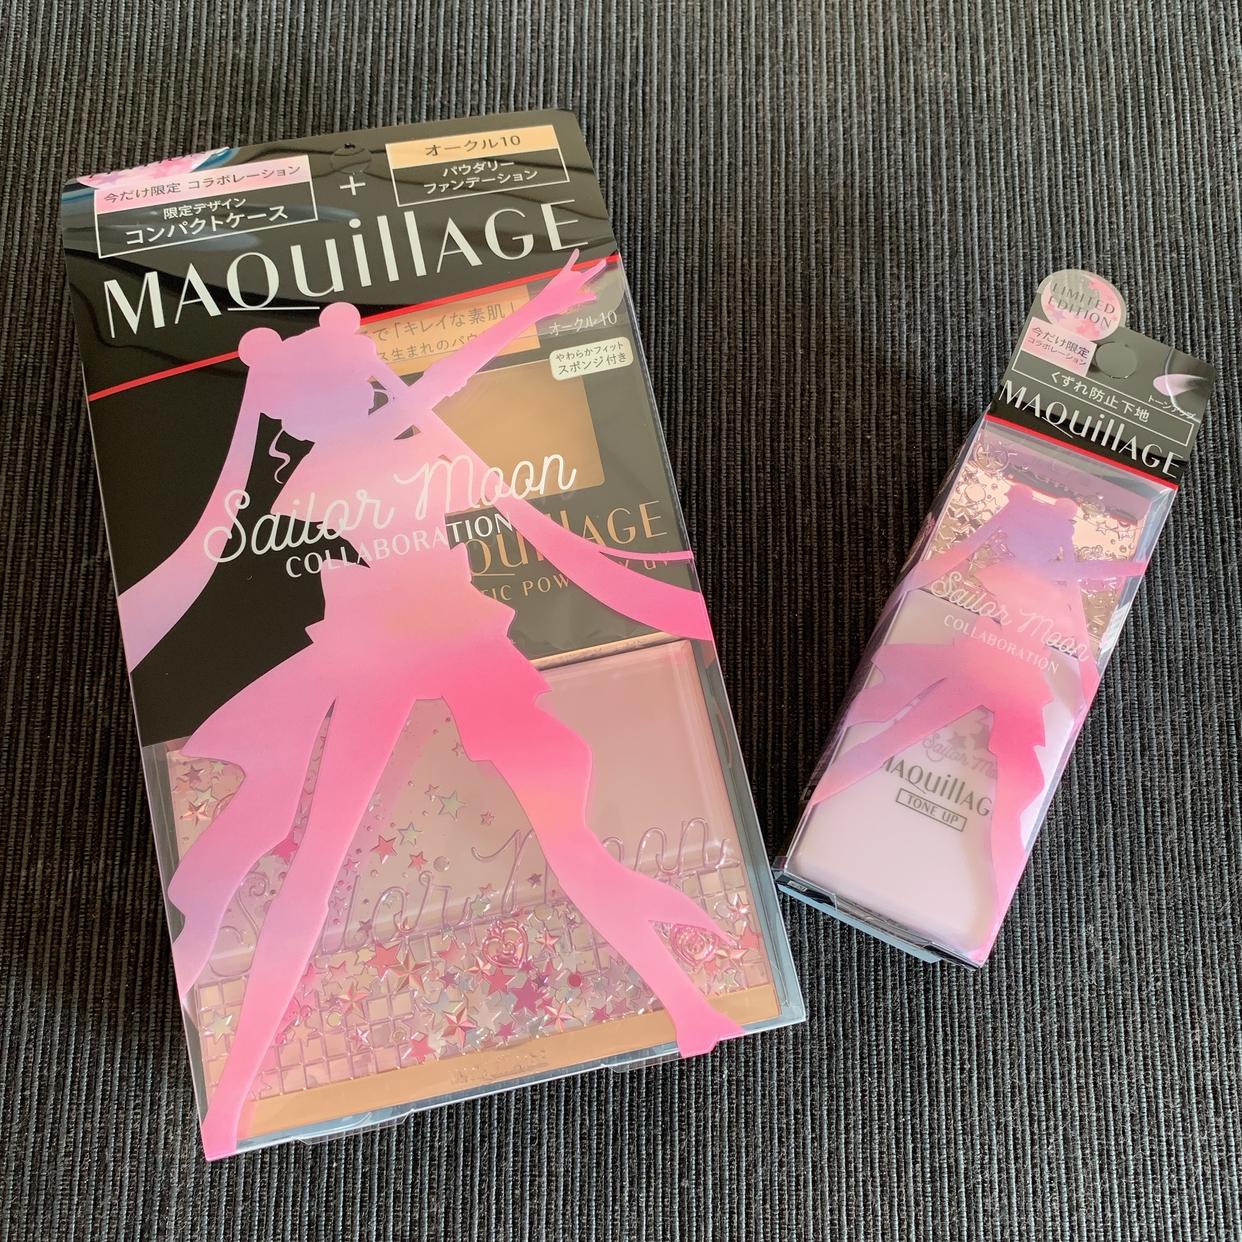 MAQUillAGE(マキアージュ) ドラマティックスキンセンサーベース EXの良い点・メリットに関するみきteaさんの口コミ画像1